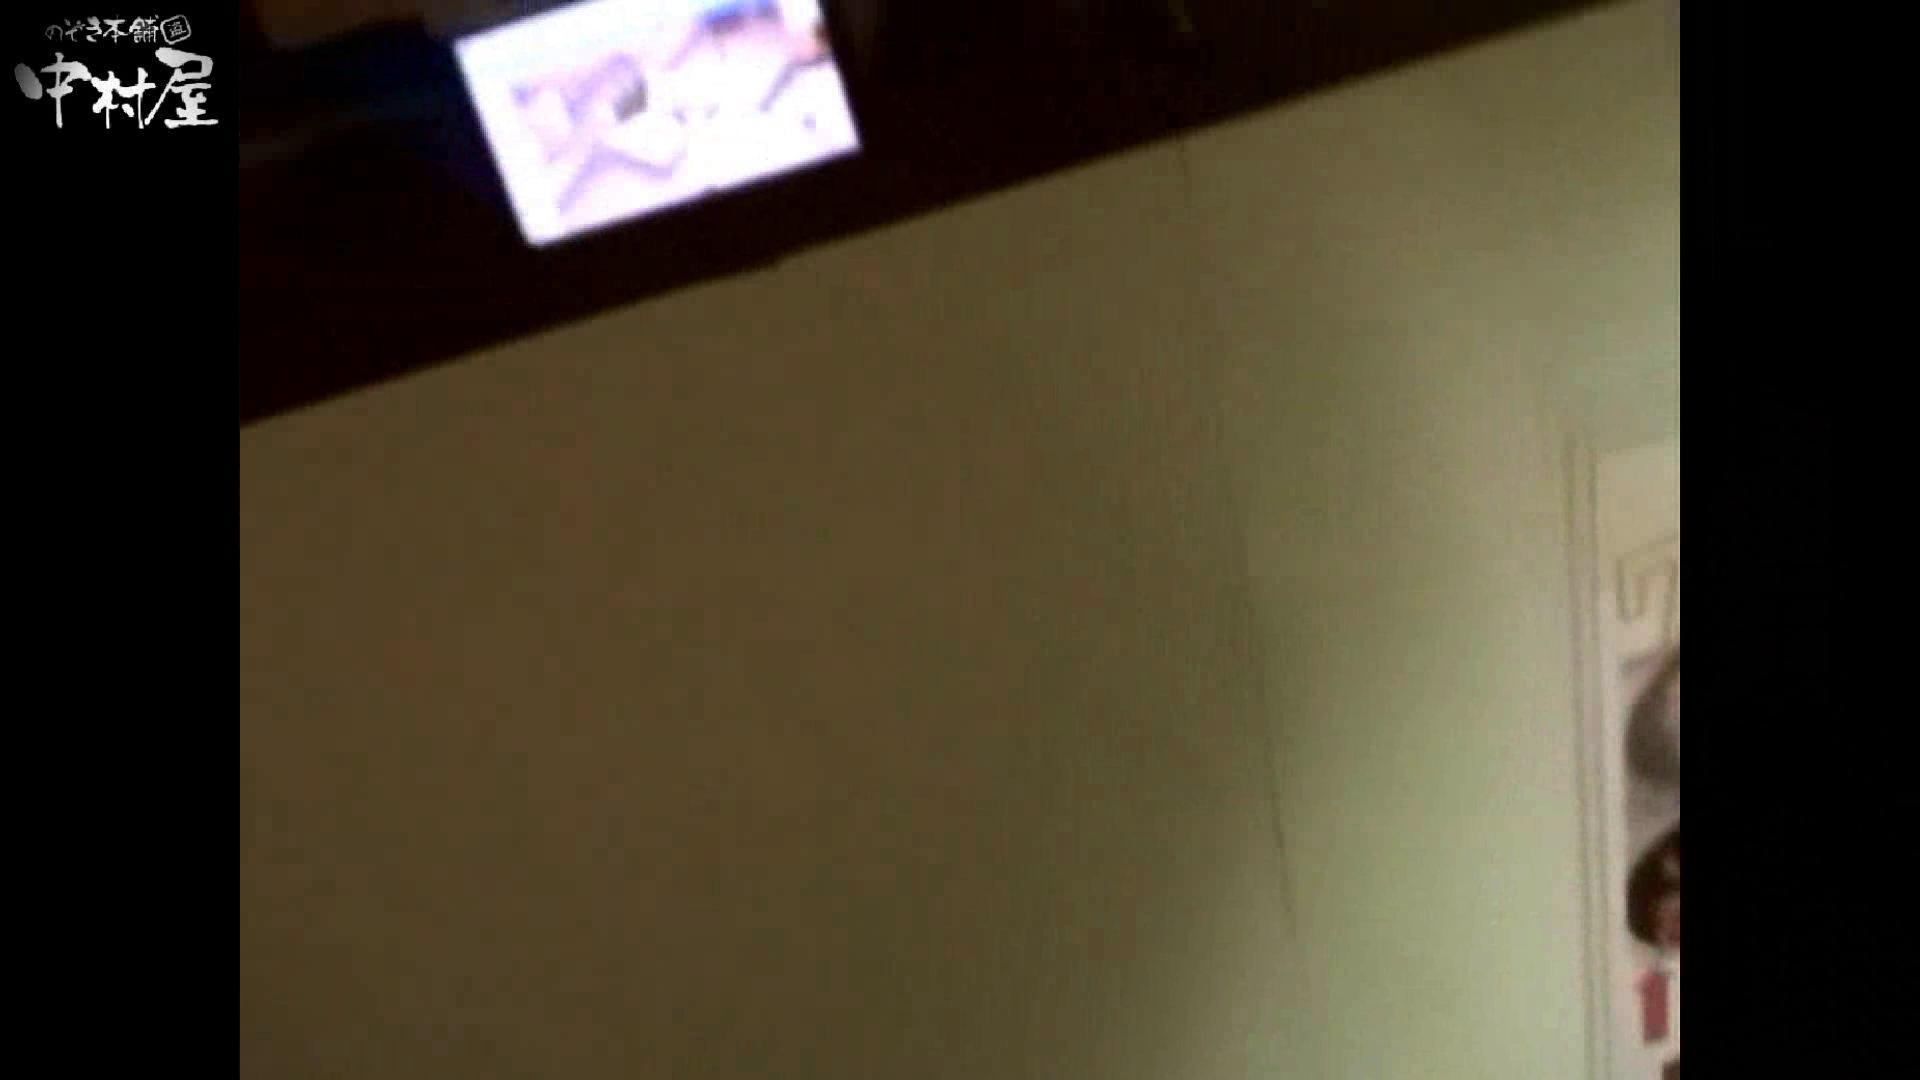 インターネットカフェの中で起こっている出来事 vol.017 卑猥すぎ | カップル映像 のぞき 105PIX 1